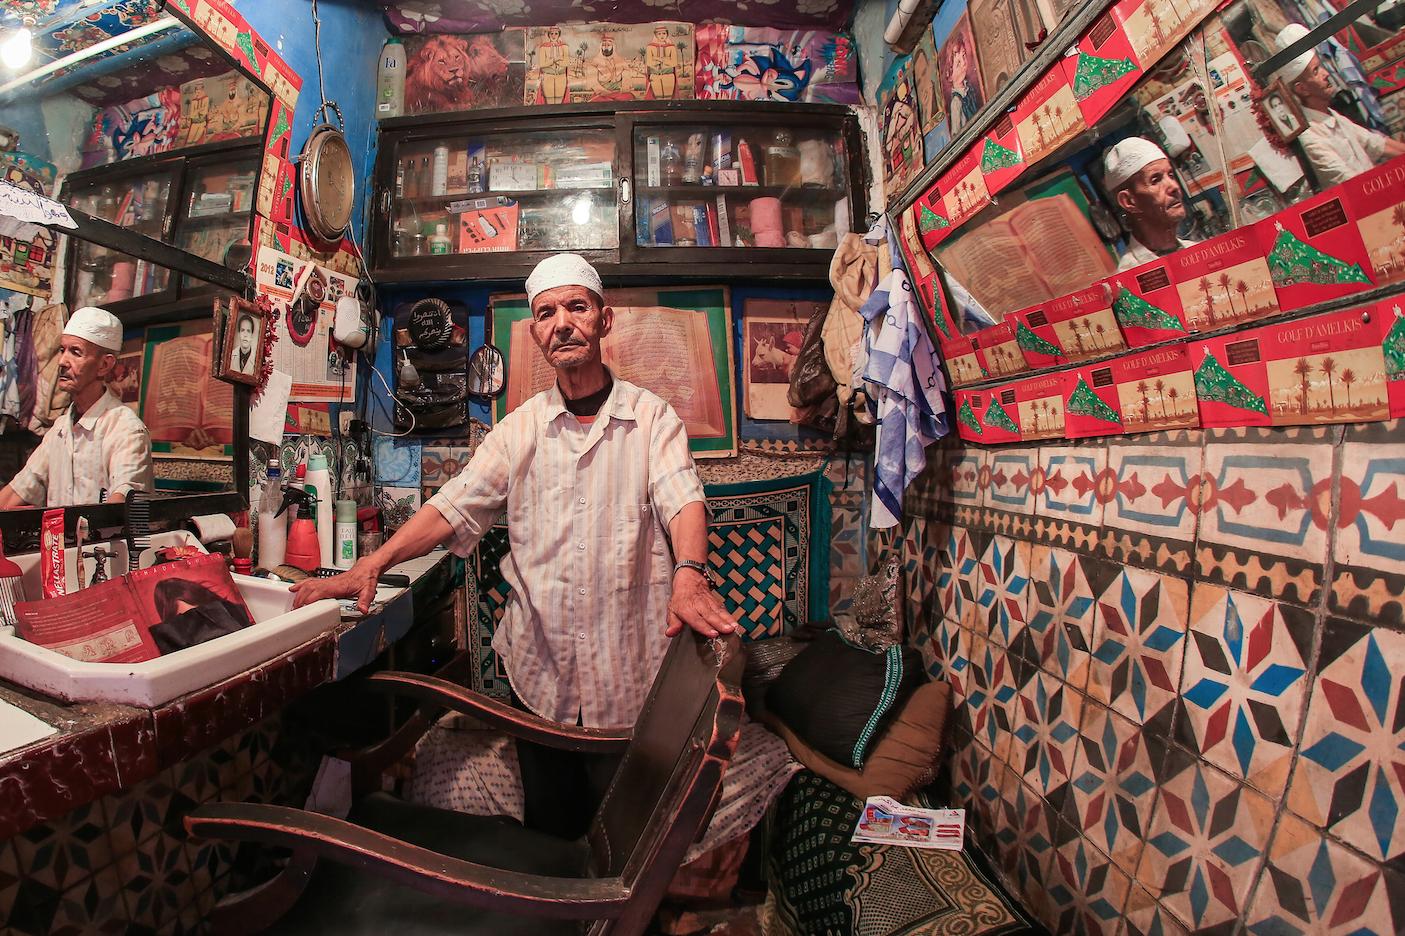 Retrato pós-corte de cabelo e pós dividir um daqueles romãs gigantões que a gente encontra no Marrocos.